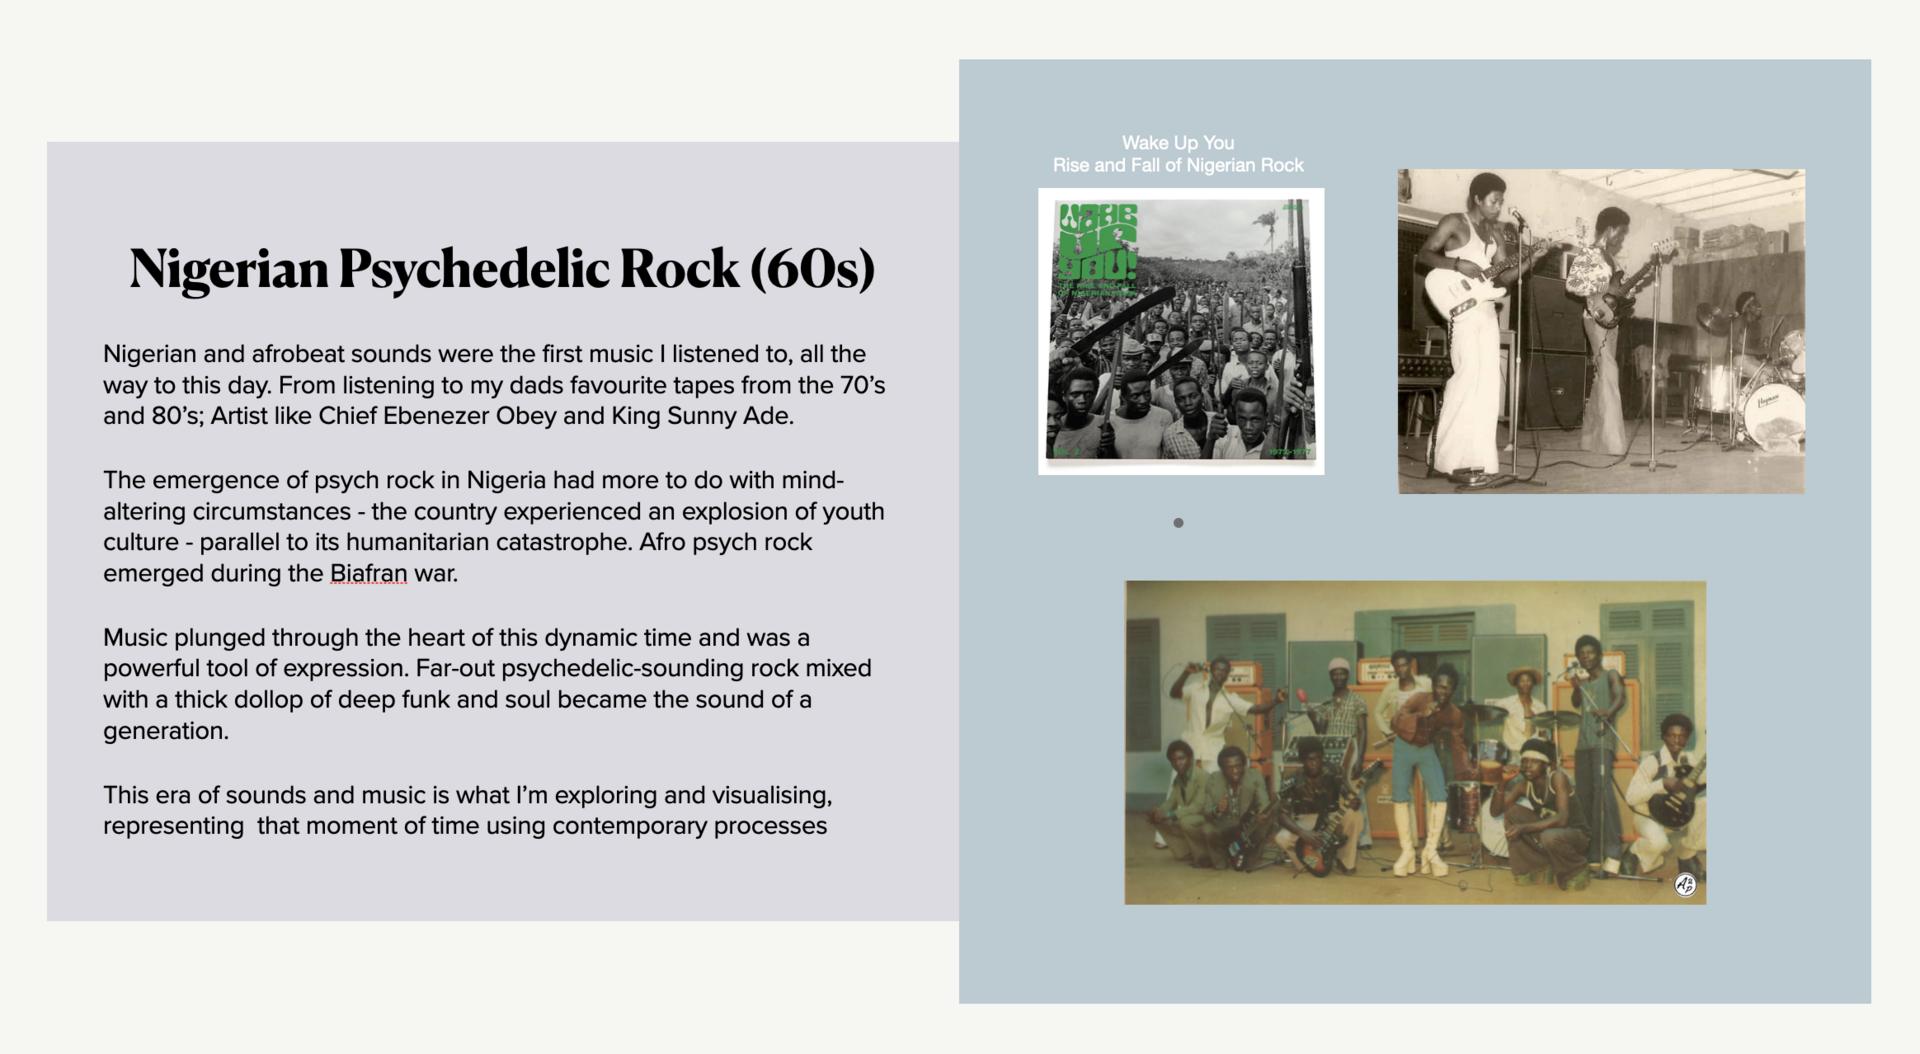 Nigerian Psychedelic Rock (60s)